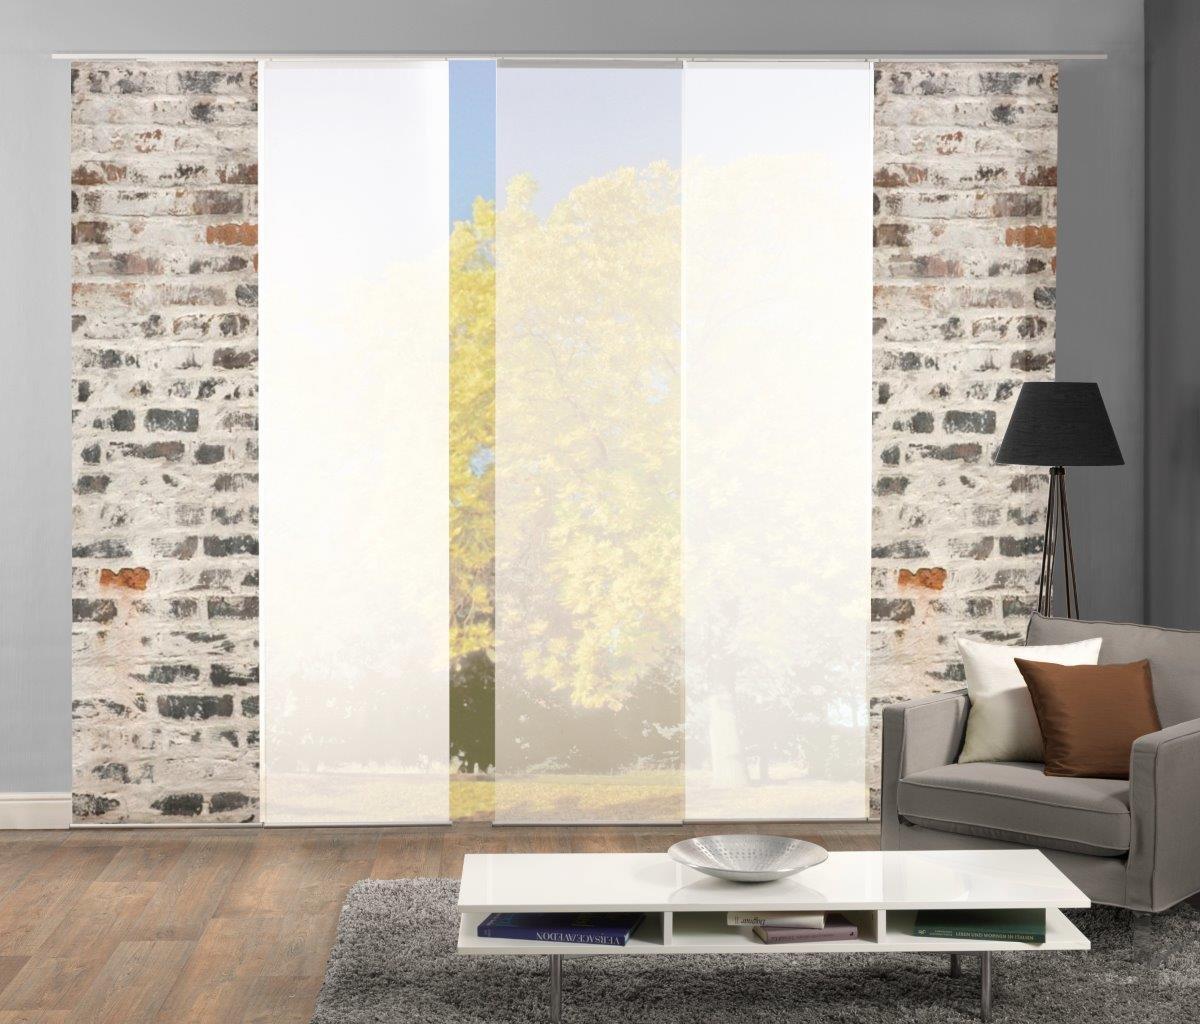 Home Fashion Set-Angebot Flächenvorhang Muro   wahlweise 3er-, 4er- oder 5er-Set bestehend aus Motiv- und Uni-Flächenvorhängen   Höhe 245 cm, Farbe  grau, Anzahl  (5)